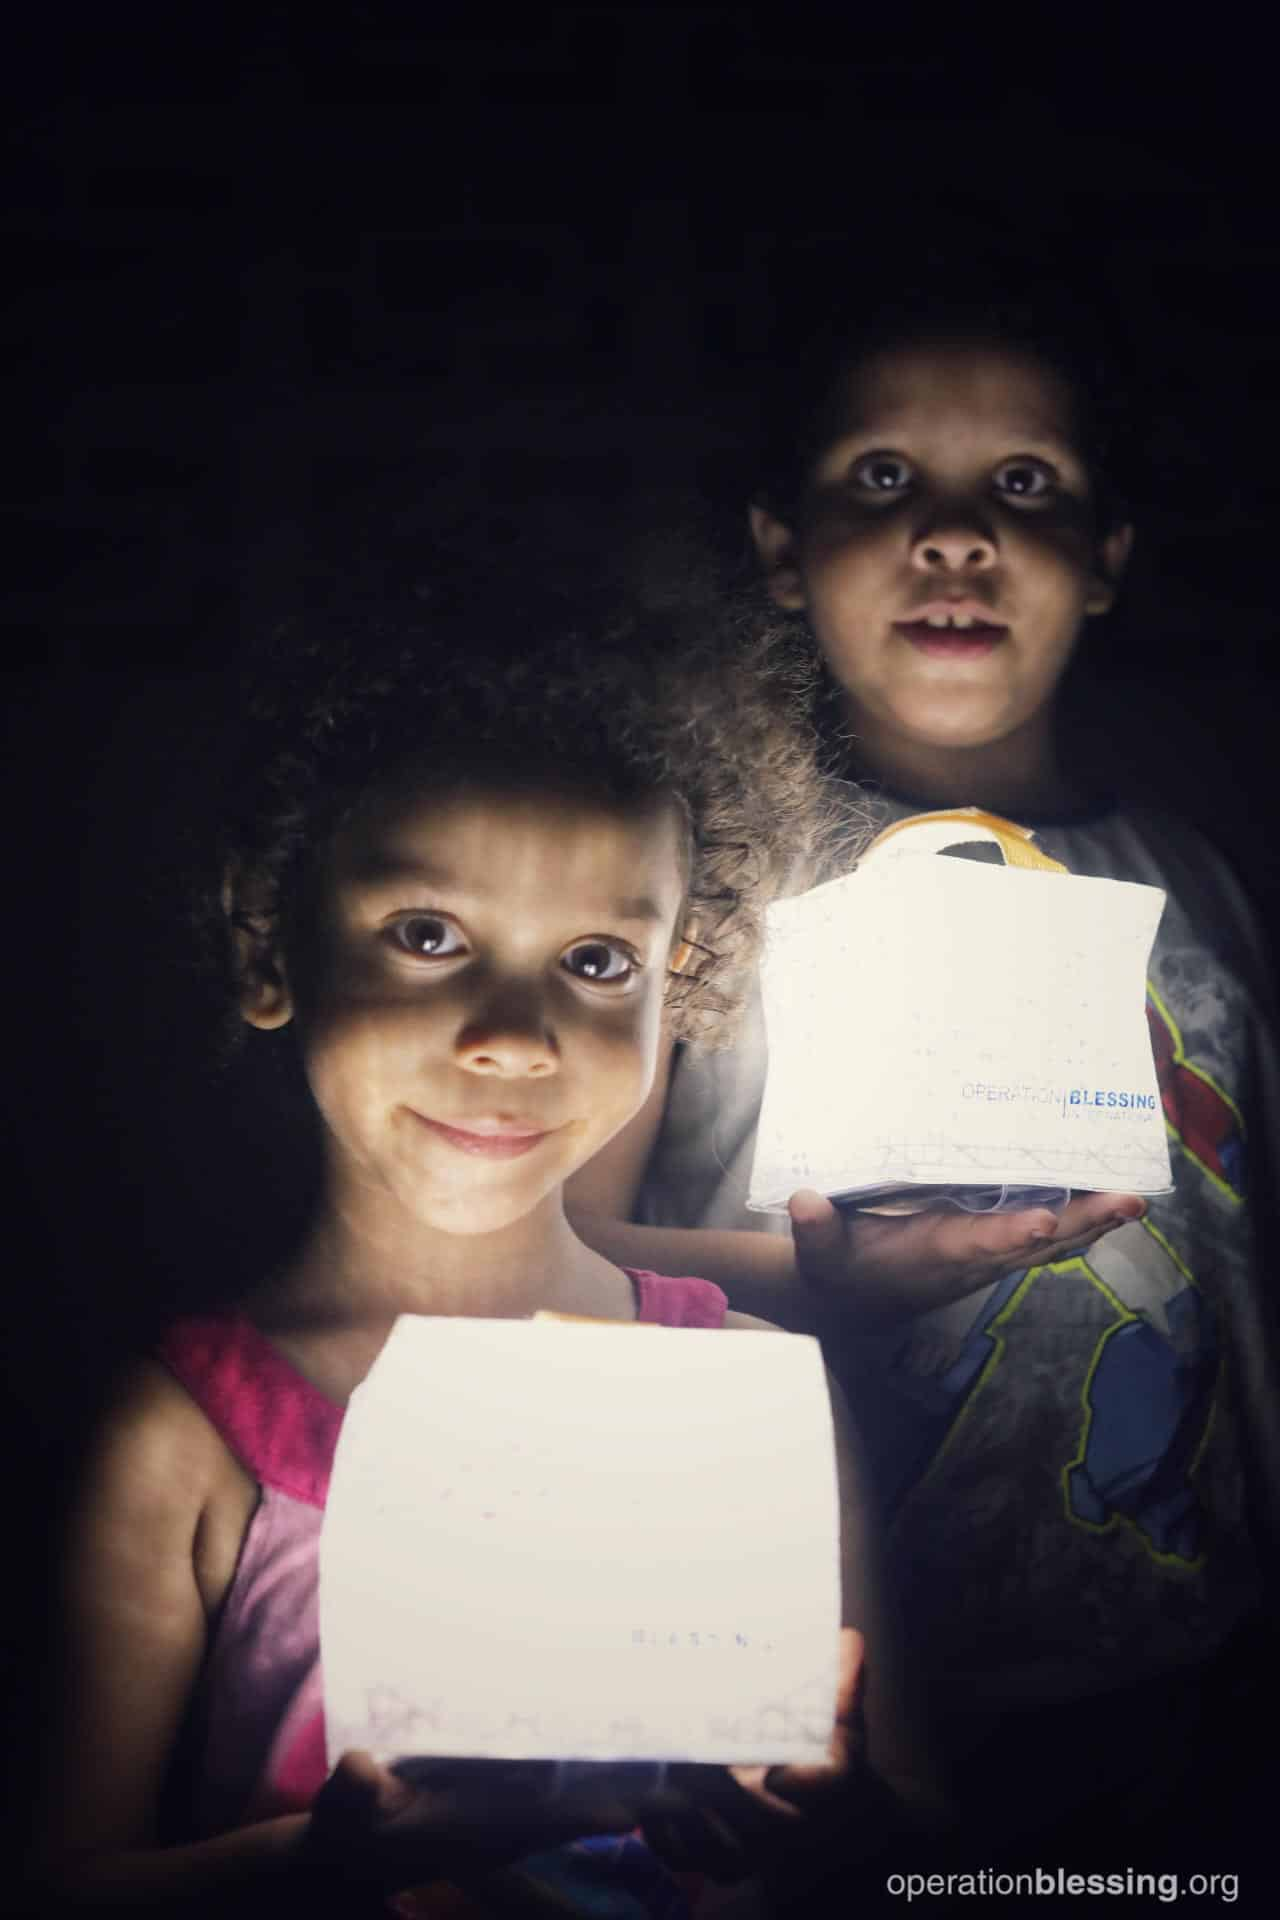 Solar lights from OBI provide light for children in Puerto Rico.